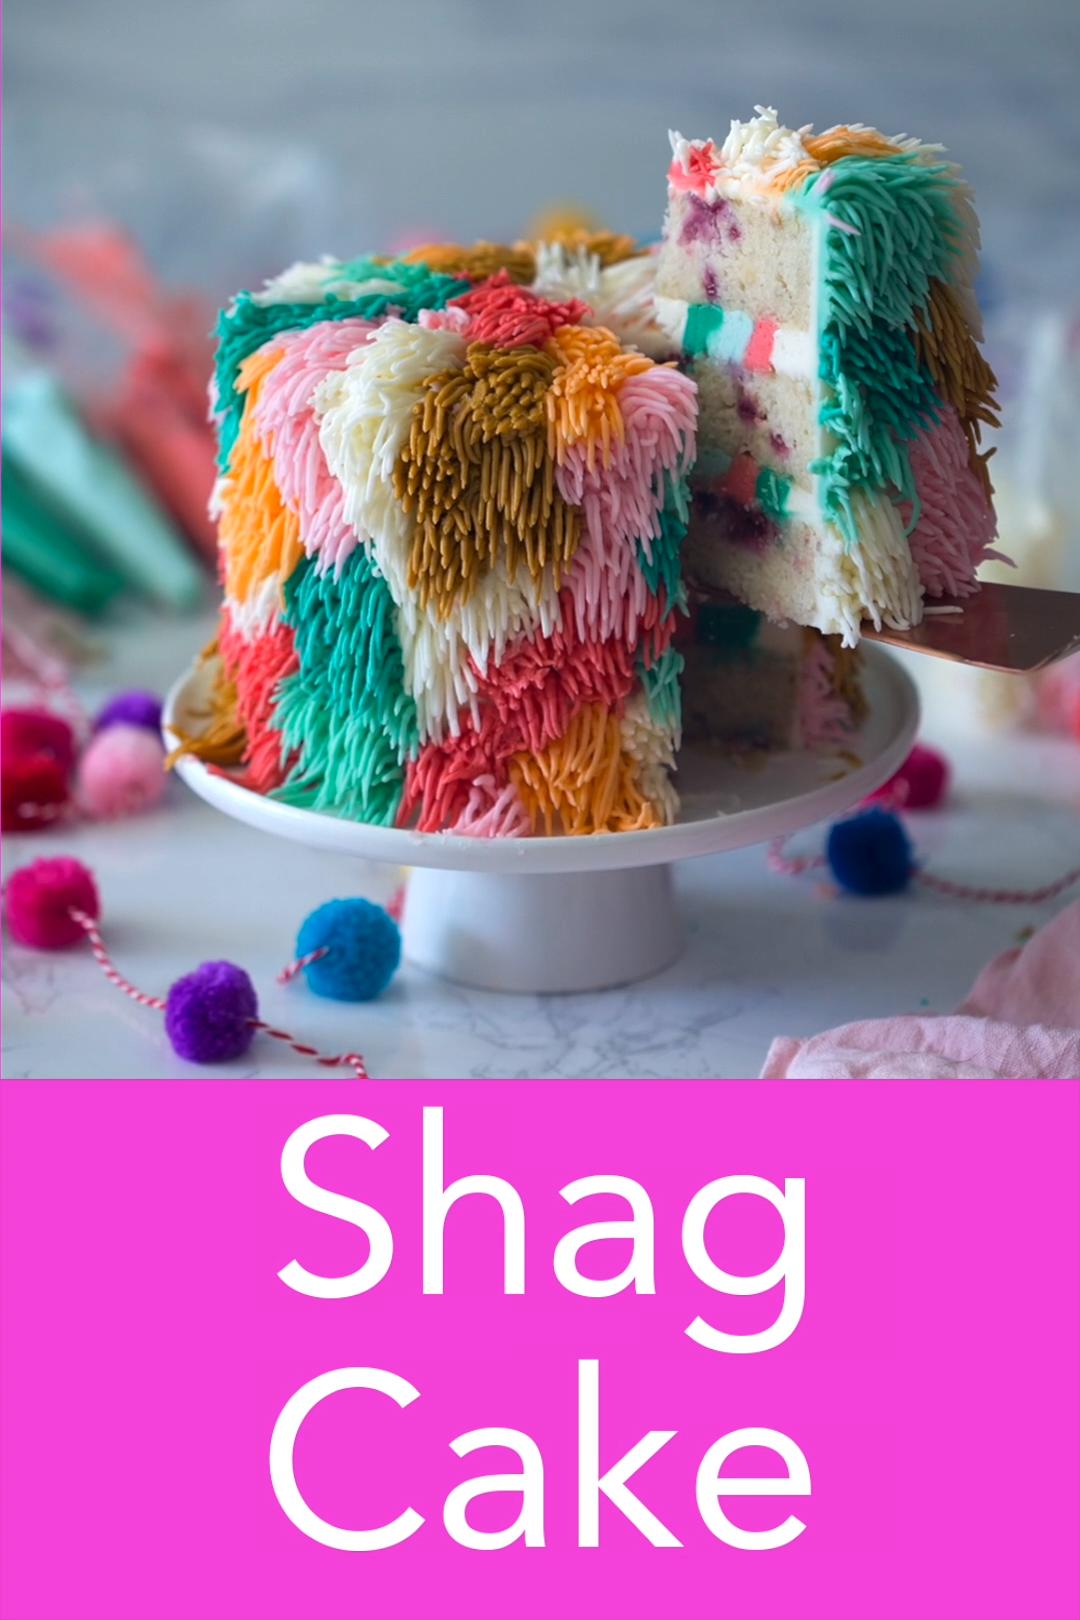 Shag Cake #cakedecoratingvideos